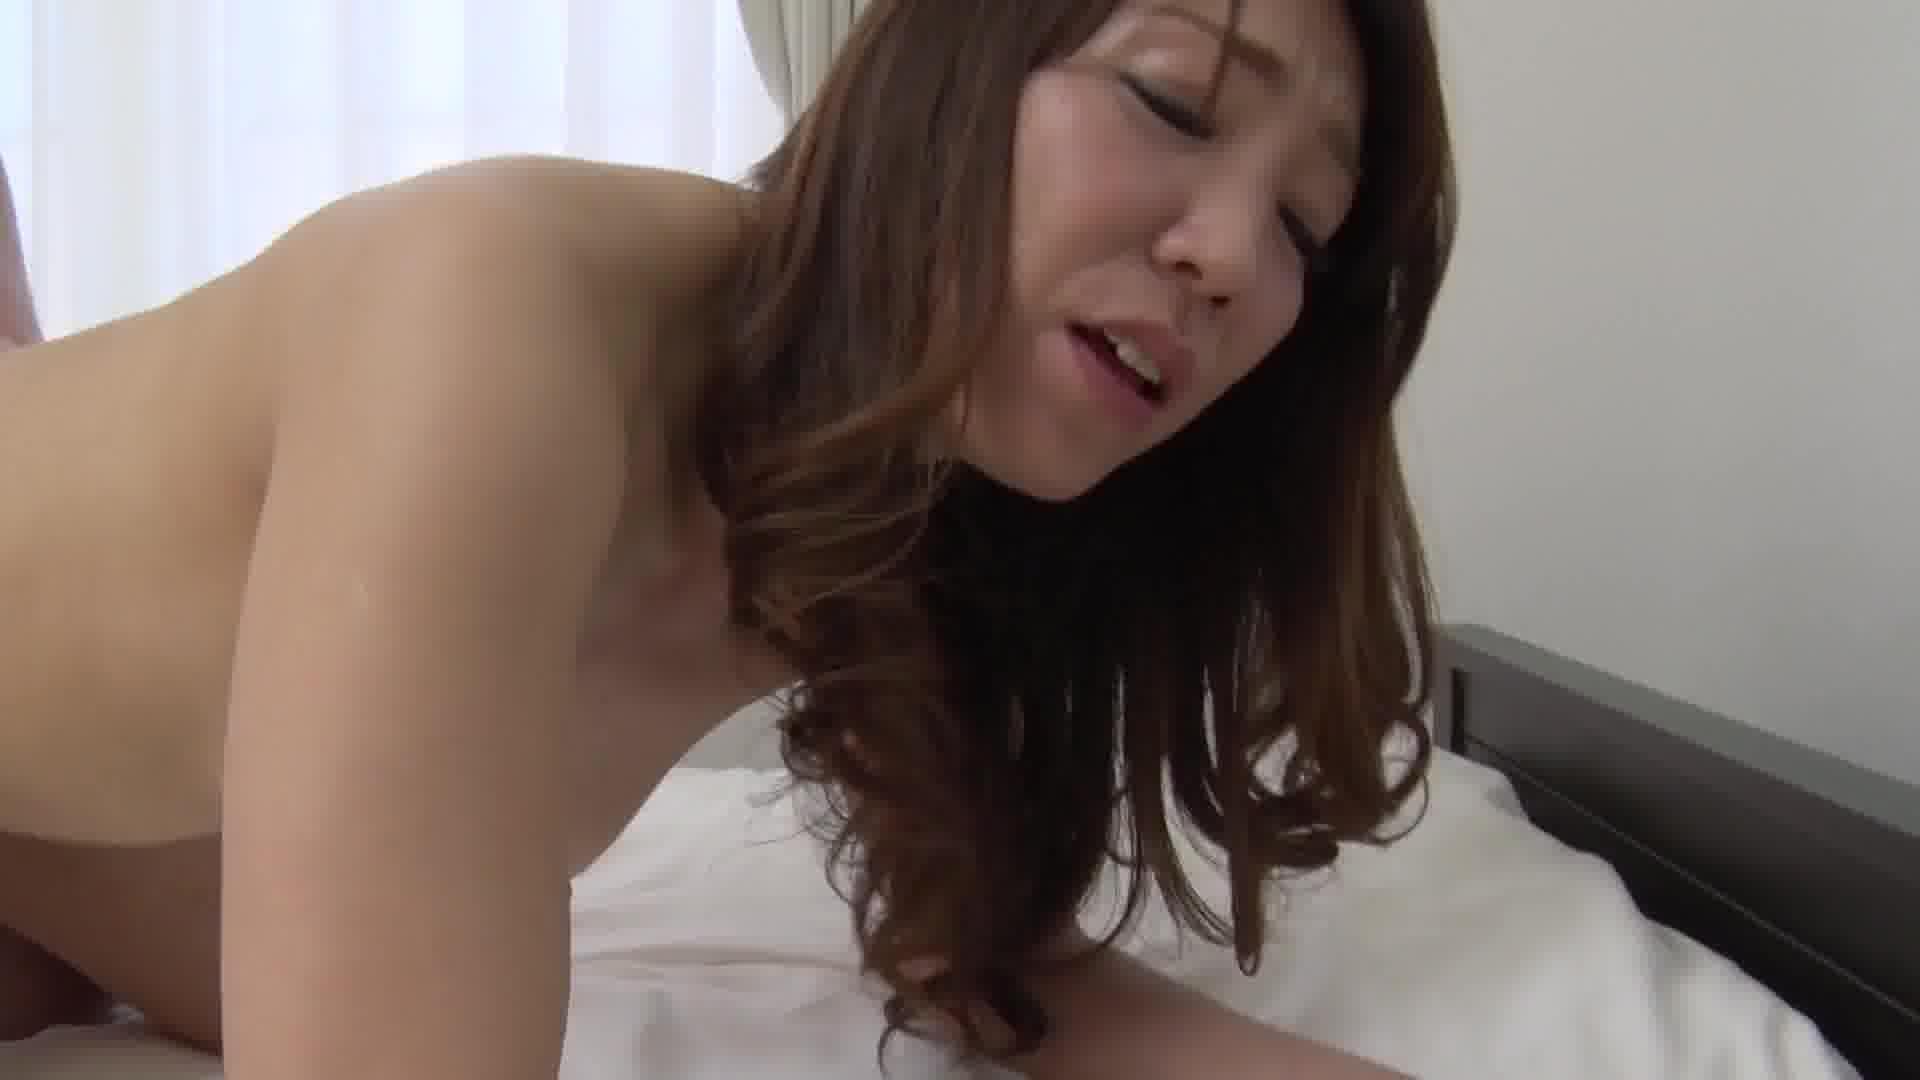 童貞狩り ~美熟女がおいしく頂きました~ - 村上佳苗【巨乳パイパン・熟女】